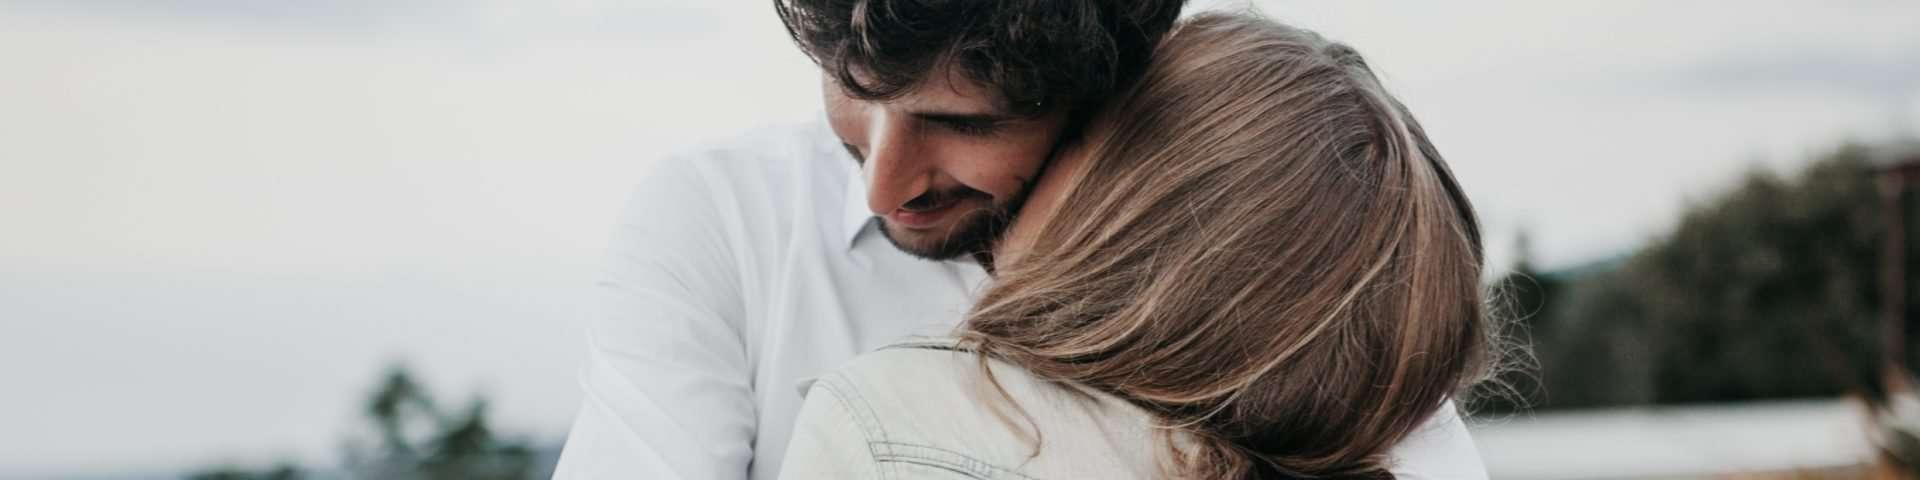 29 Gründe, warum ich dich unendlich liebe